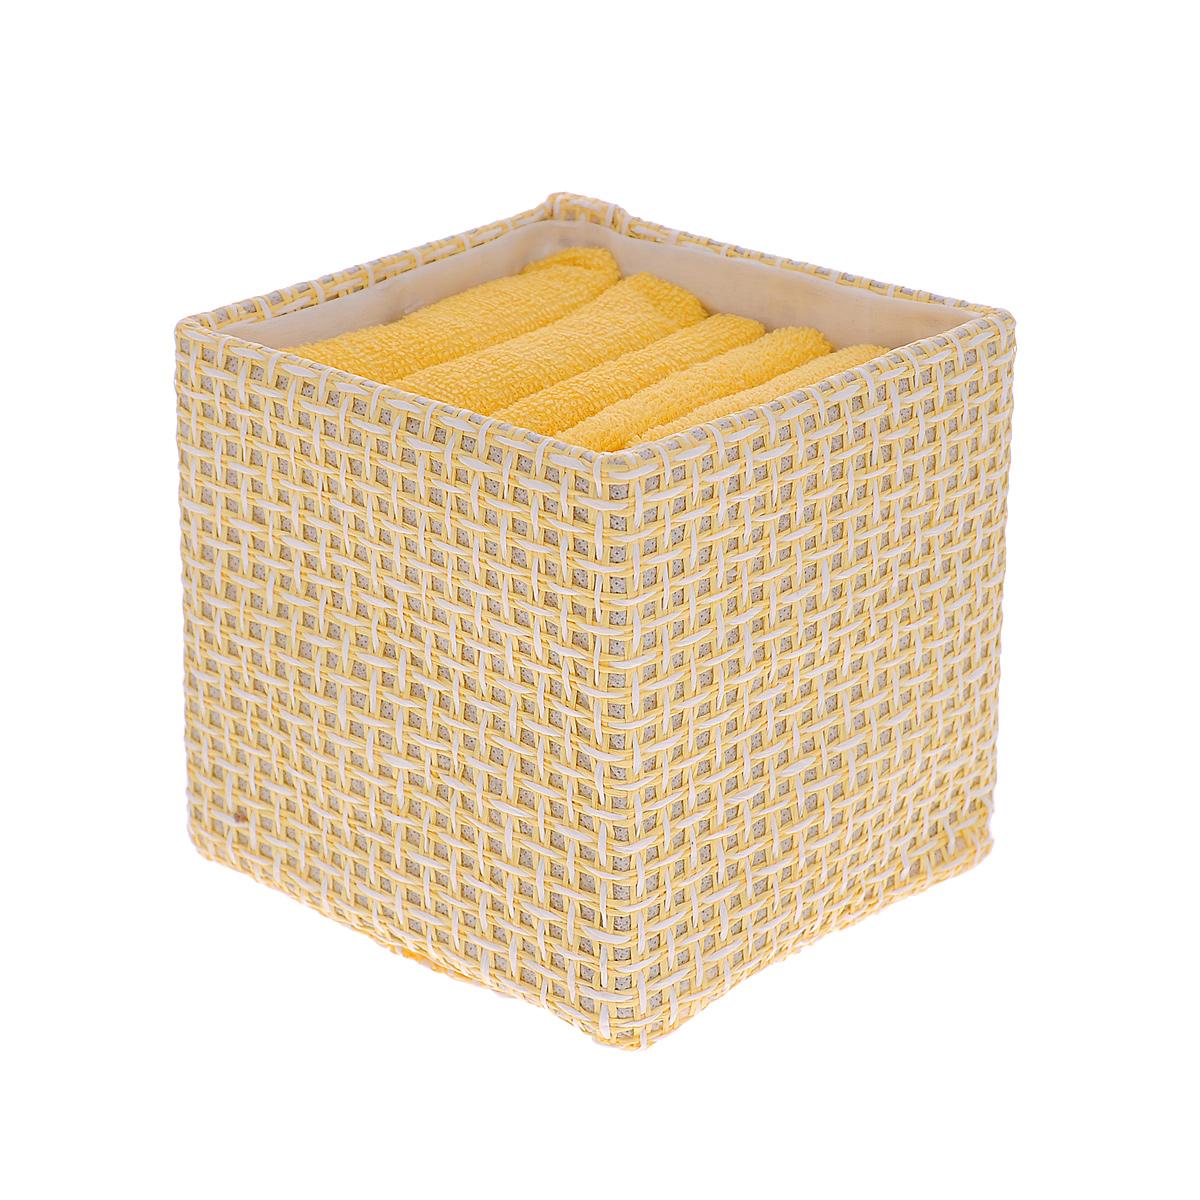 Набор полотенец Miolla, в корзине, цвет: желтый, 30 х 30 см, 6 штBTS1301CНабор Miolla состоит из шести квадратных полотенец, выполненных из хлопка. Полотенца мягкие, приятные на ощупь, хорошо впитывают влагу. Для хранения полотенец предусмотрена специальная плетеная корзинка. Такой набор станет хорошим подарком для хозяйки и пригодится в быту.